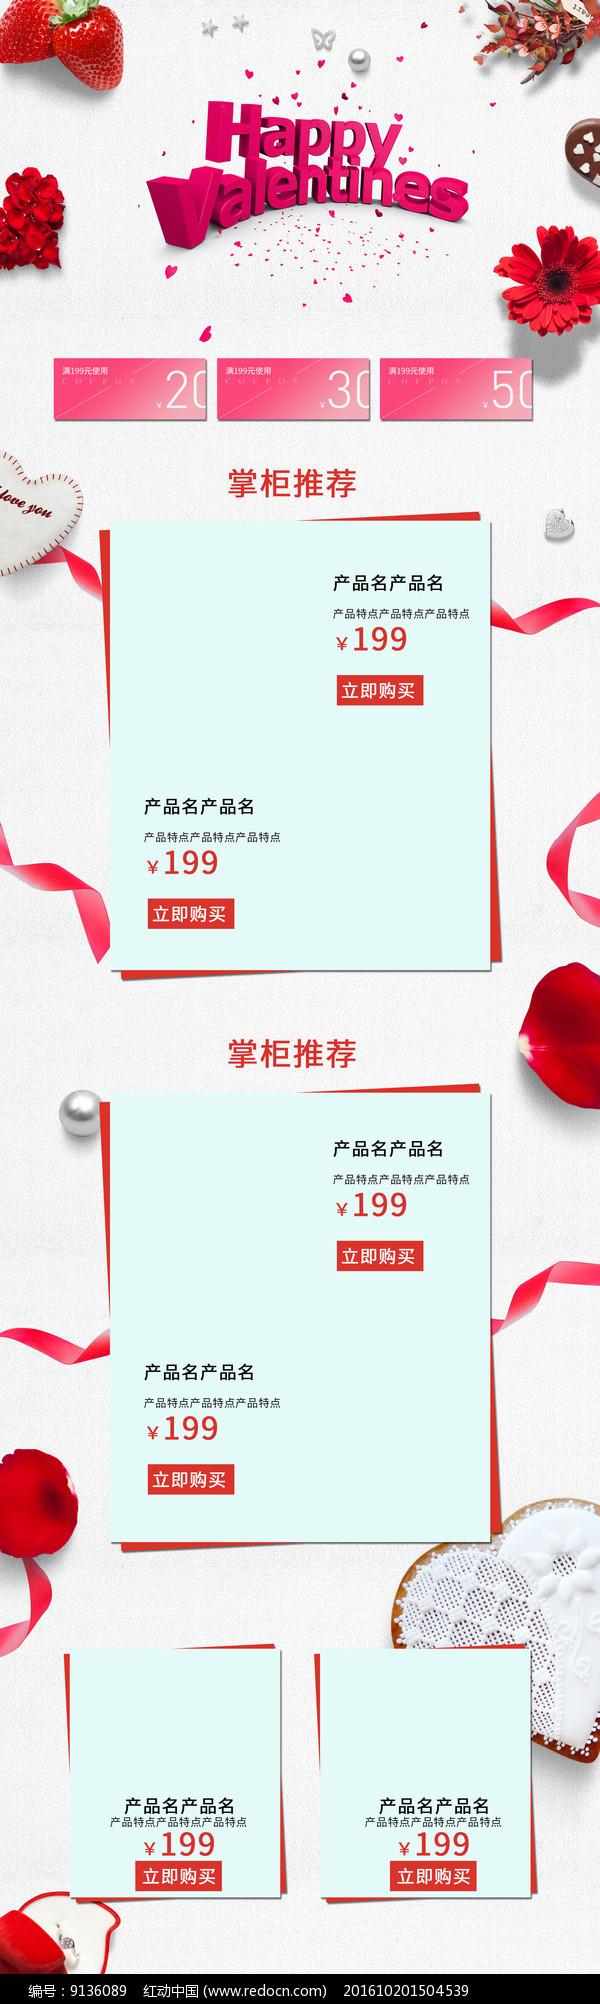 电商情人节活动首页装修模板图片